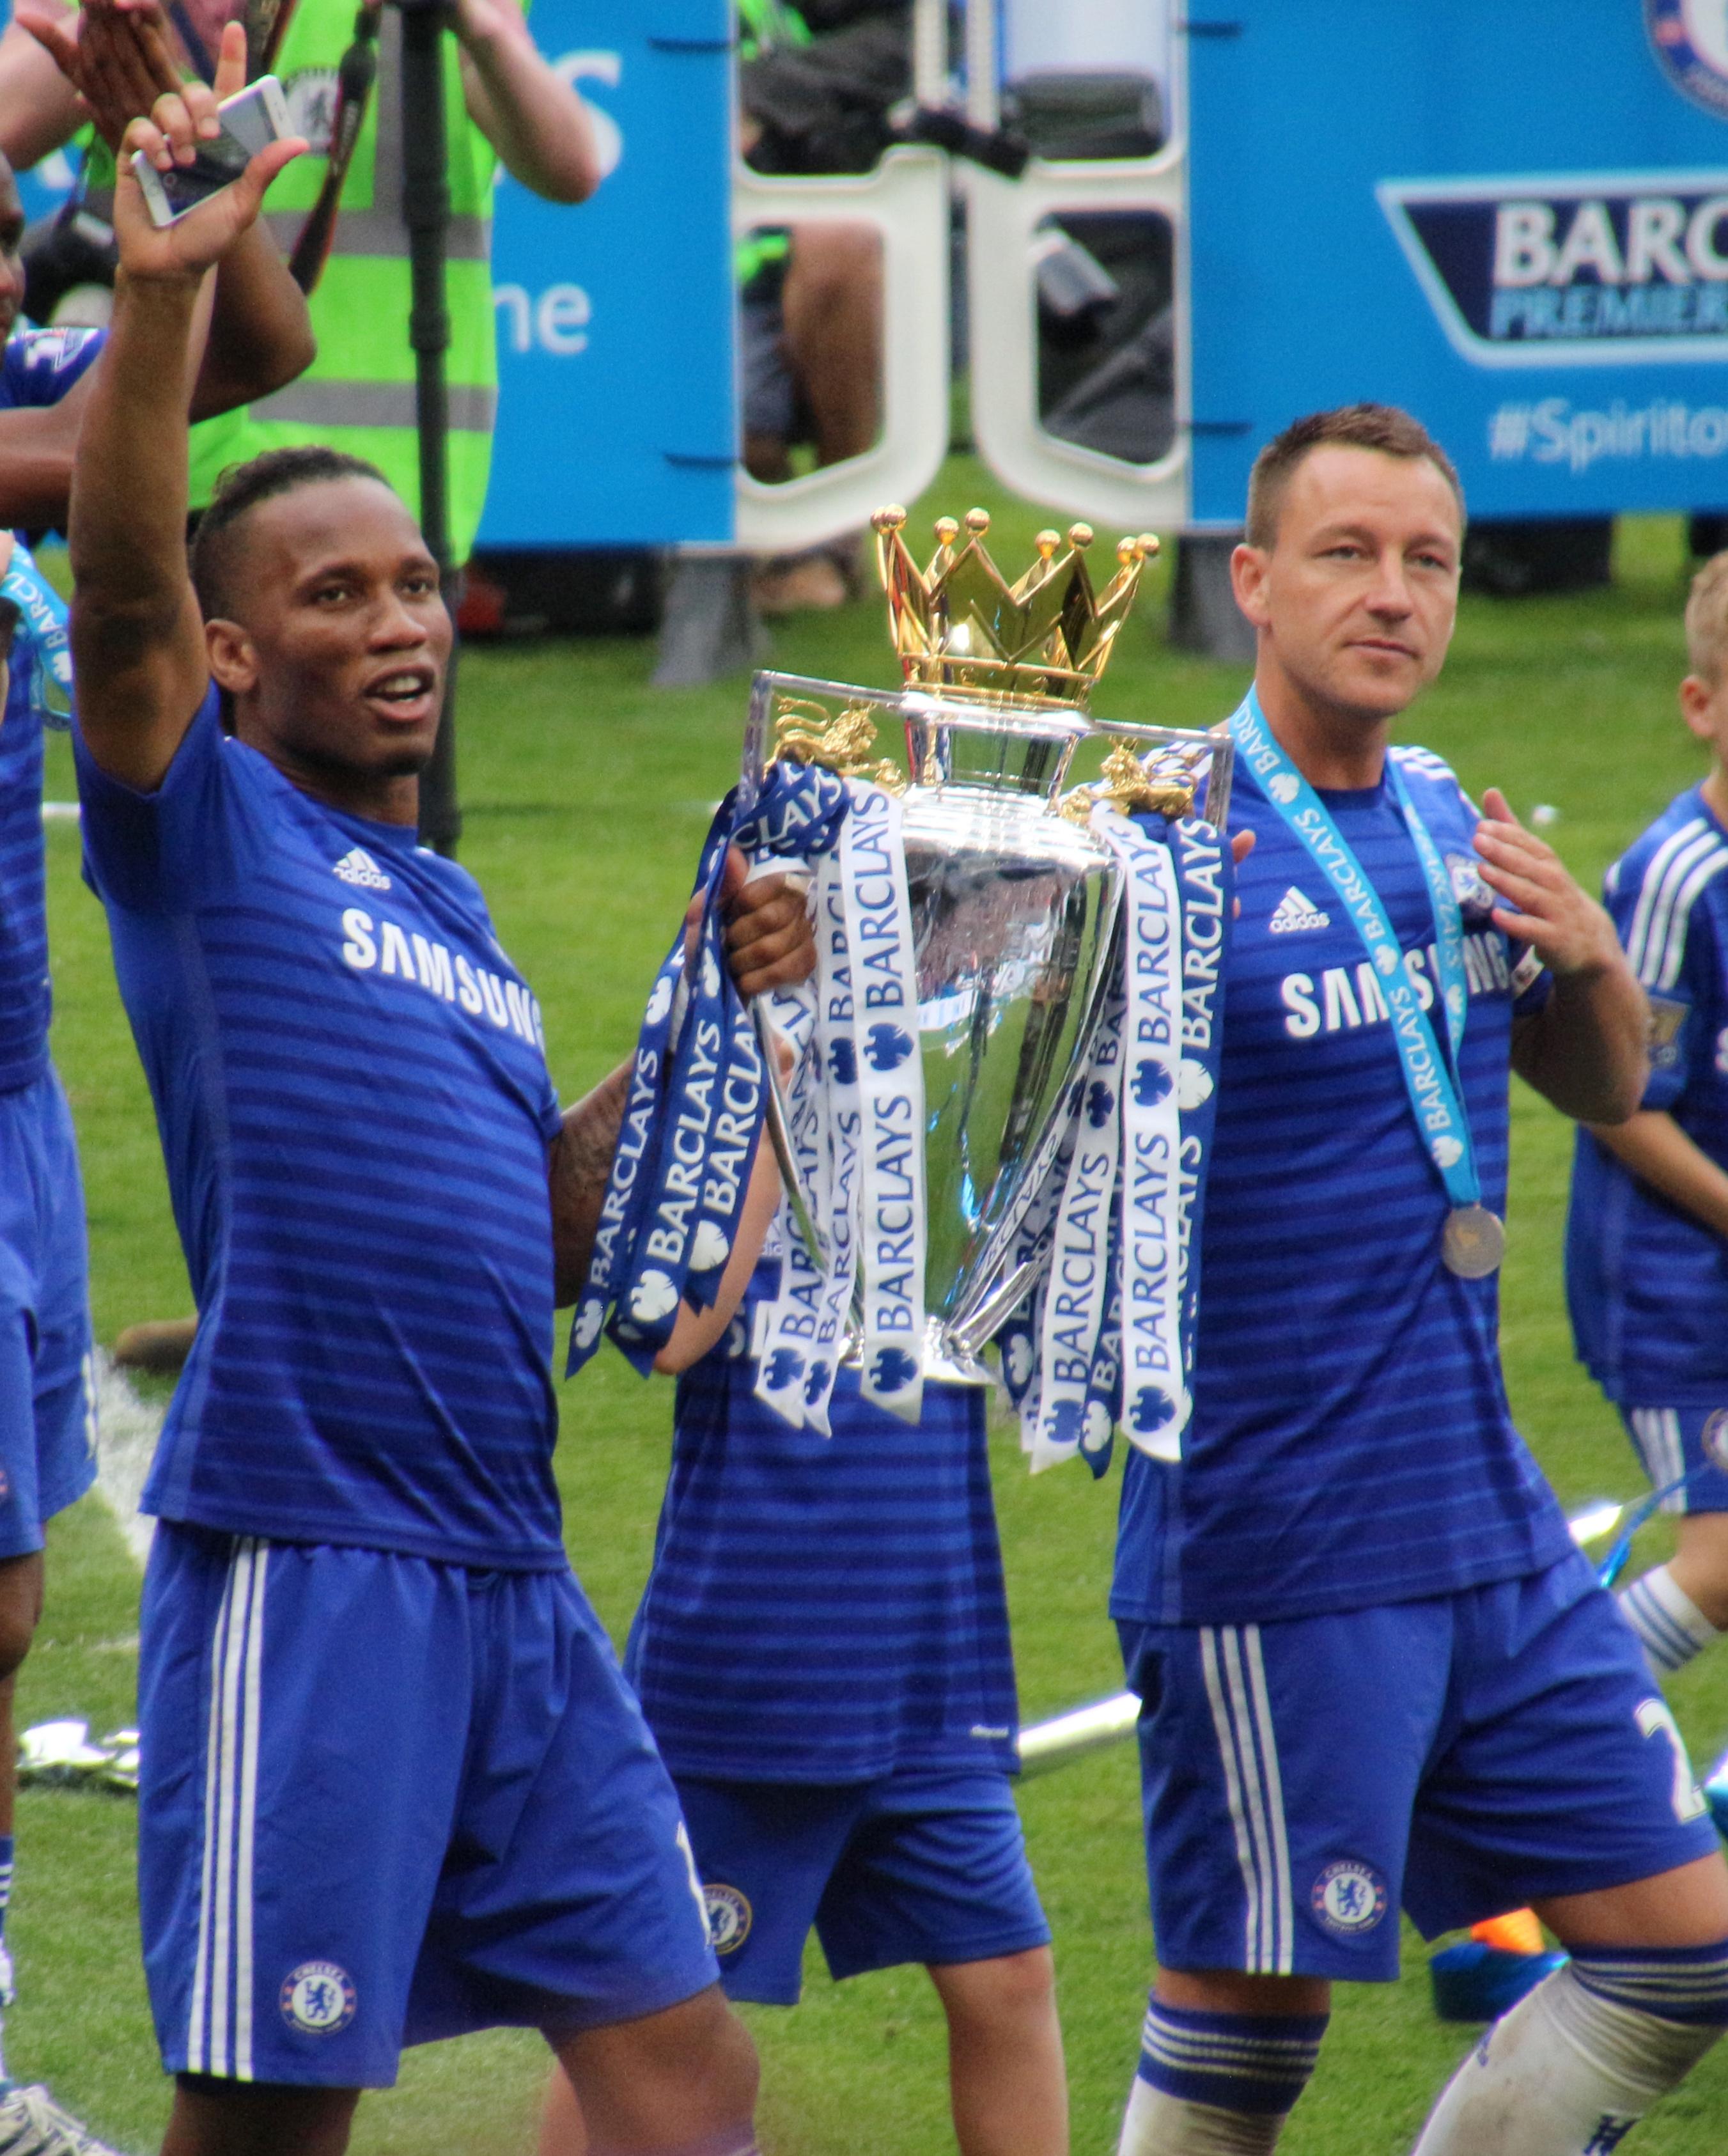 innovative design f4e2b e3eb4 2014–15 Chelsea F.C. season - Wikipedia